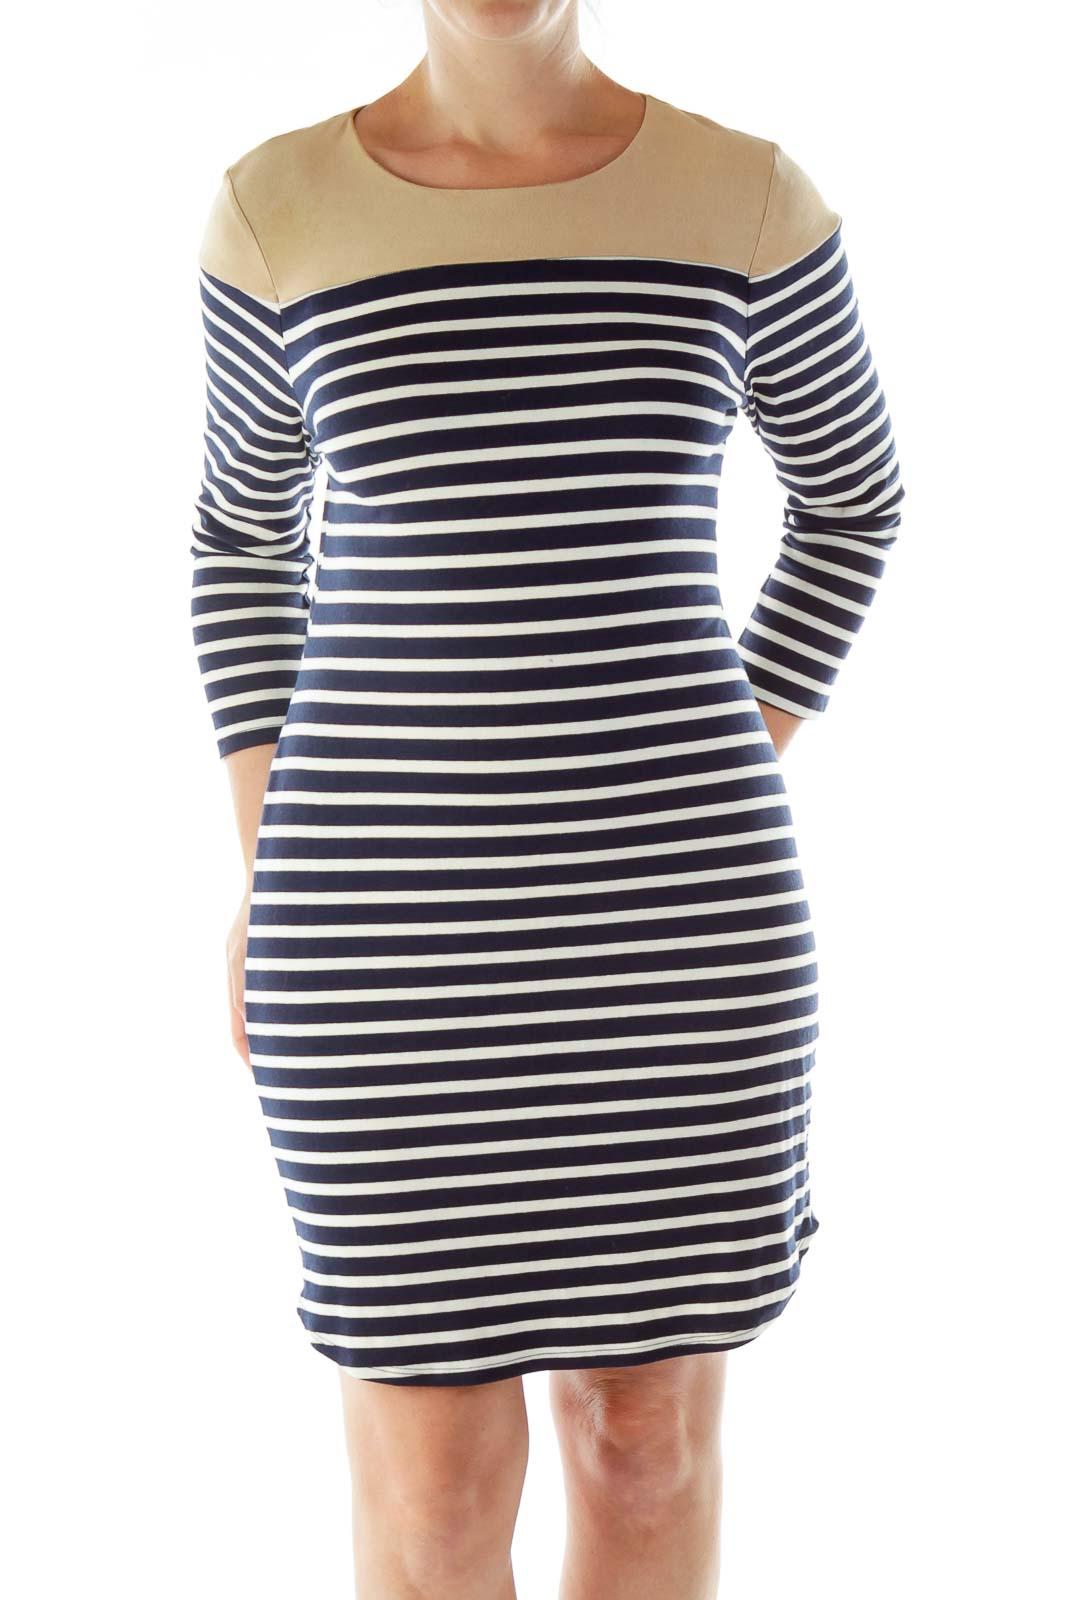 Navy Cream Beige Striped Dress Front